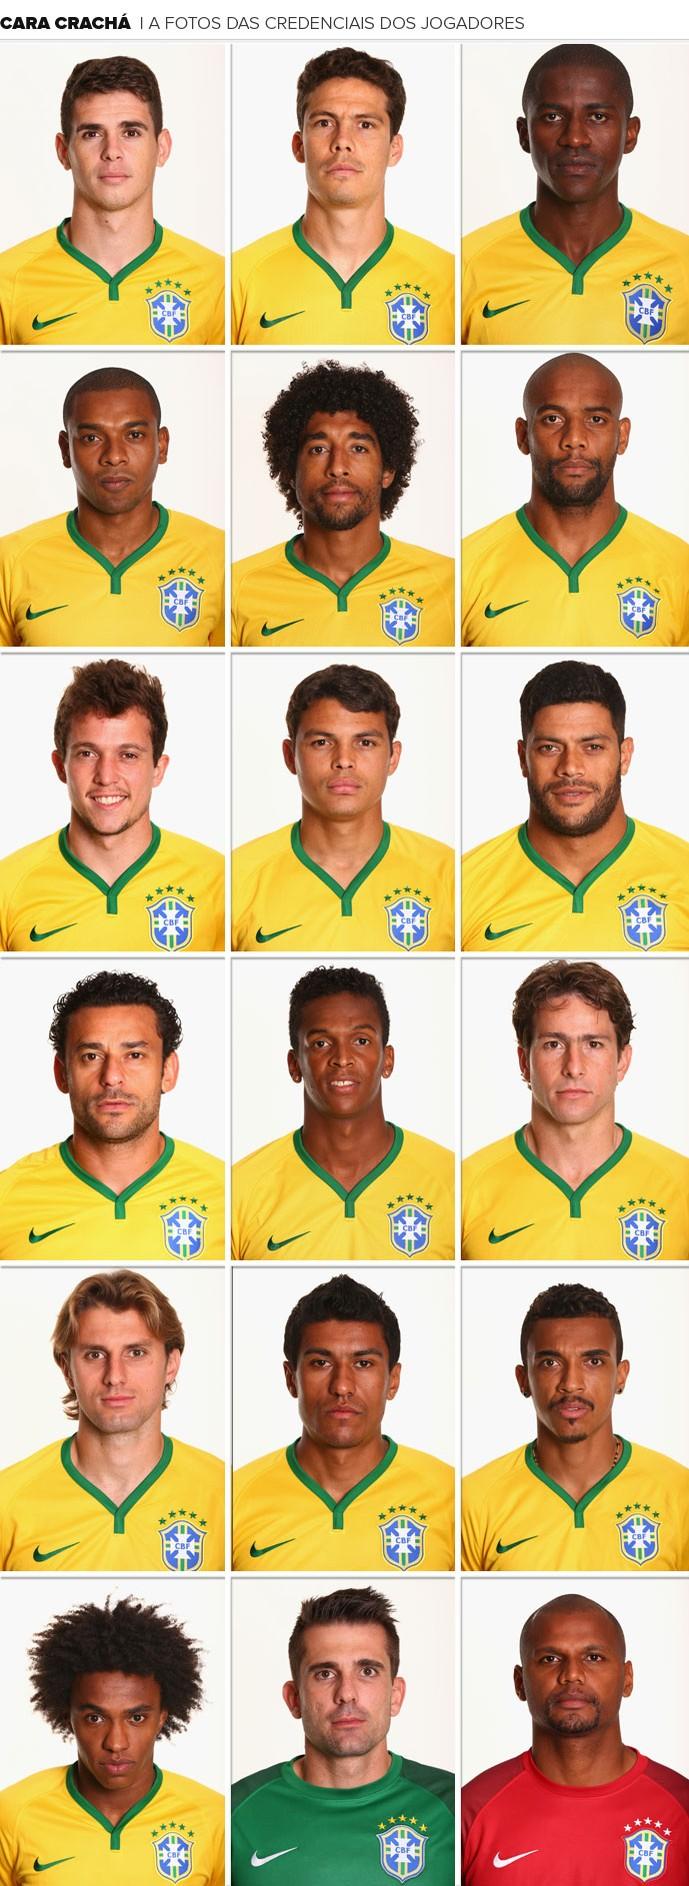 MOSAICO cara CRACHÁ Seleção brasileira  (Foto: Agência Getty Images)